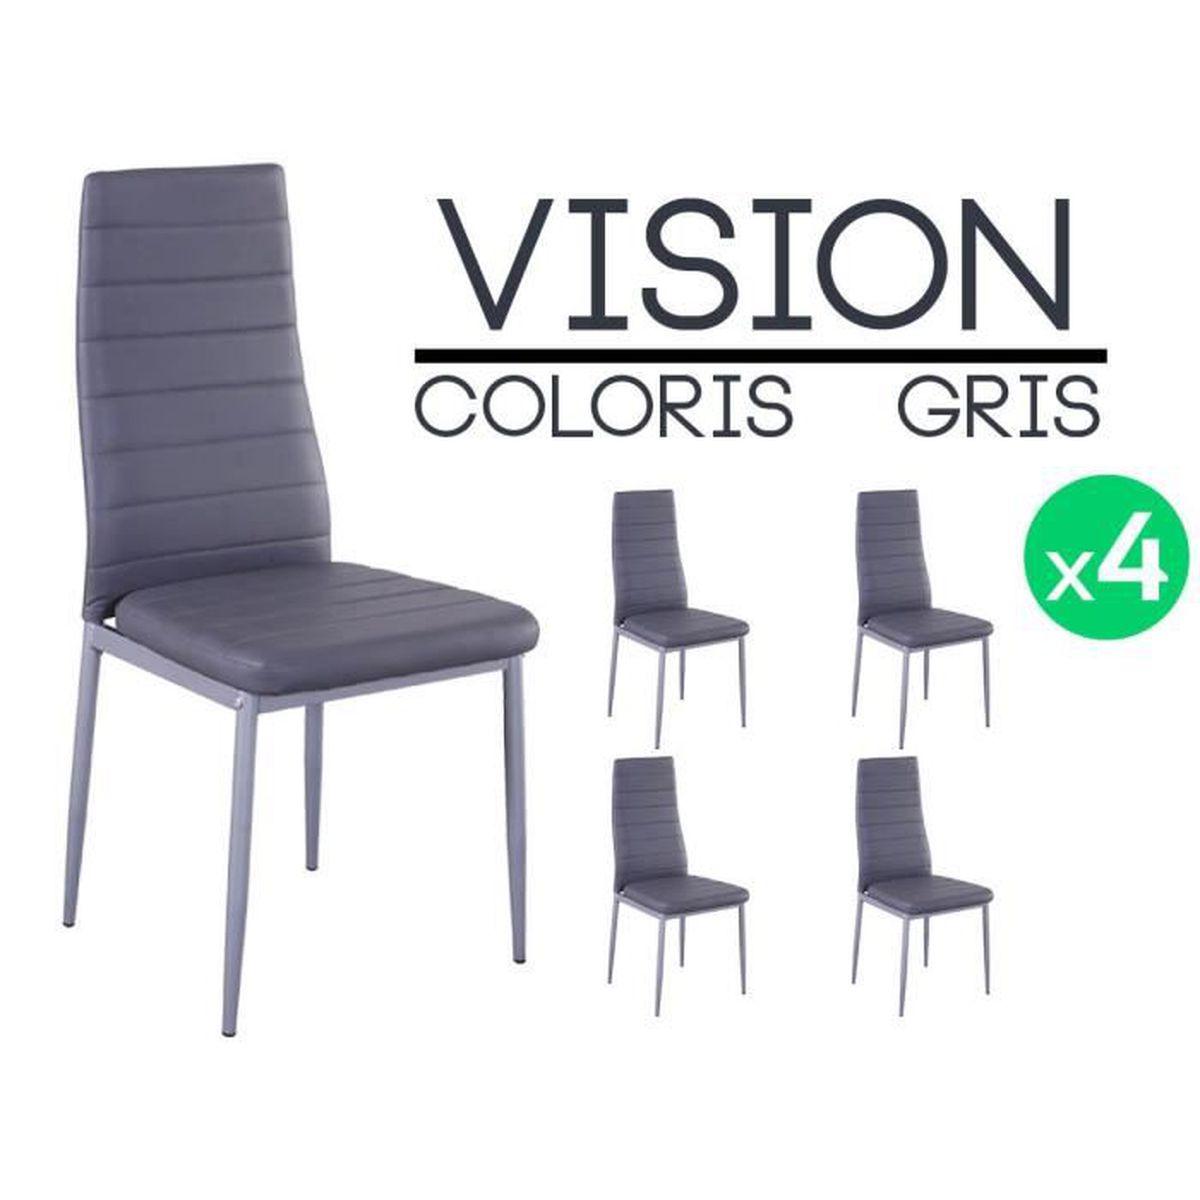 vision lot de 4 chaises grises achat vente chaise gris les soldes sur cdiscount cdiscount. Black Bedroom Furniture Sets. Home Design Ideas